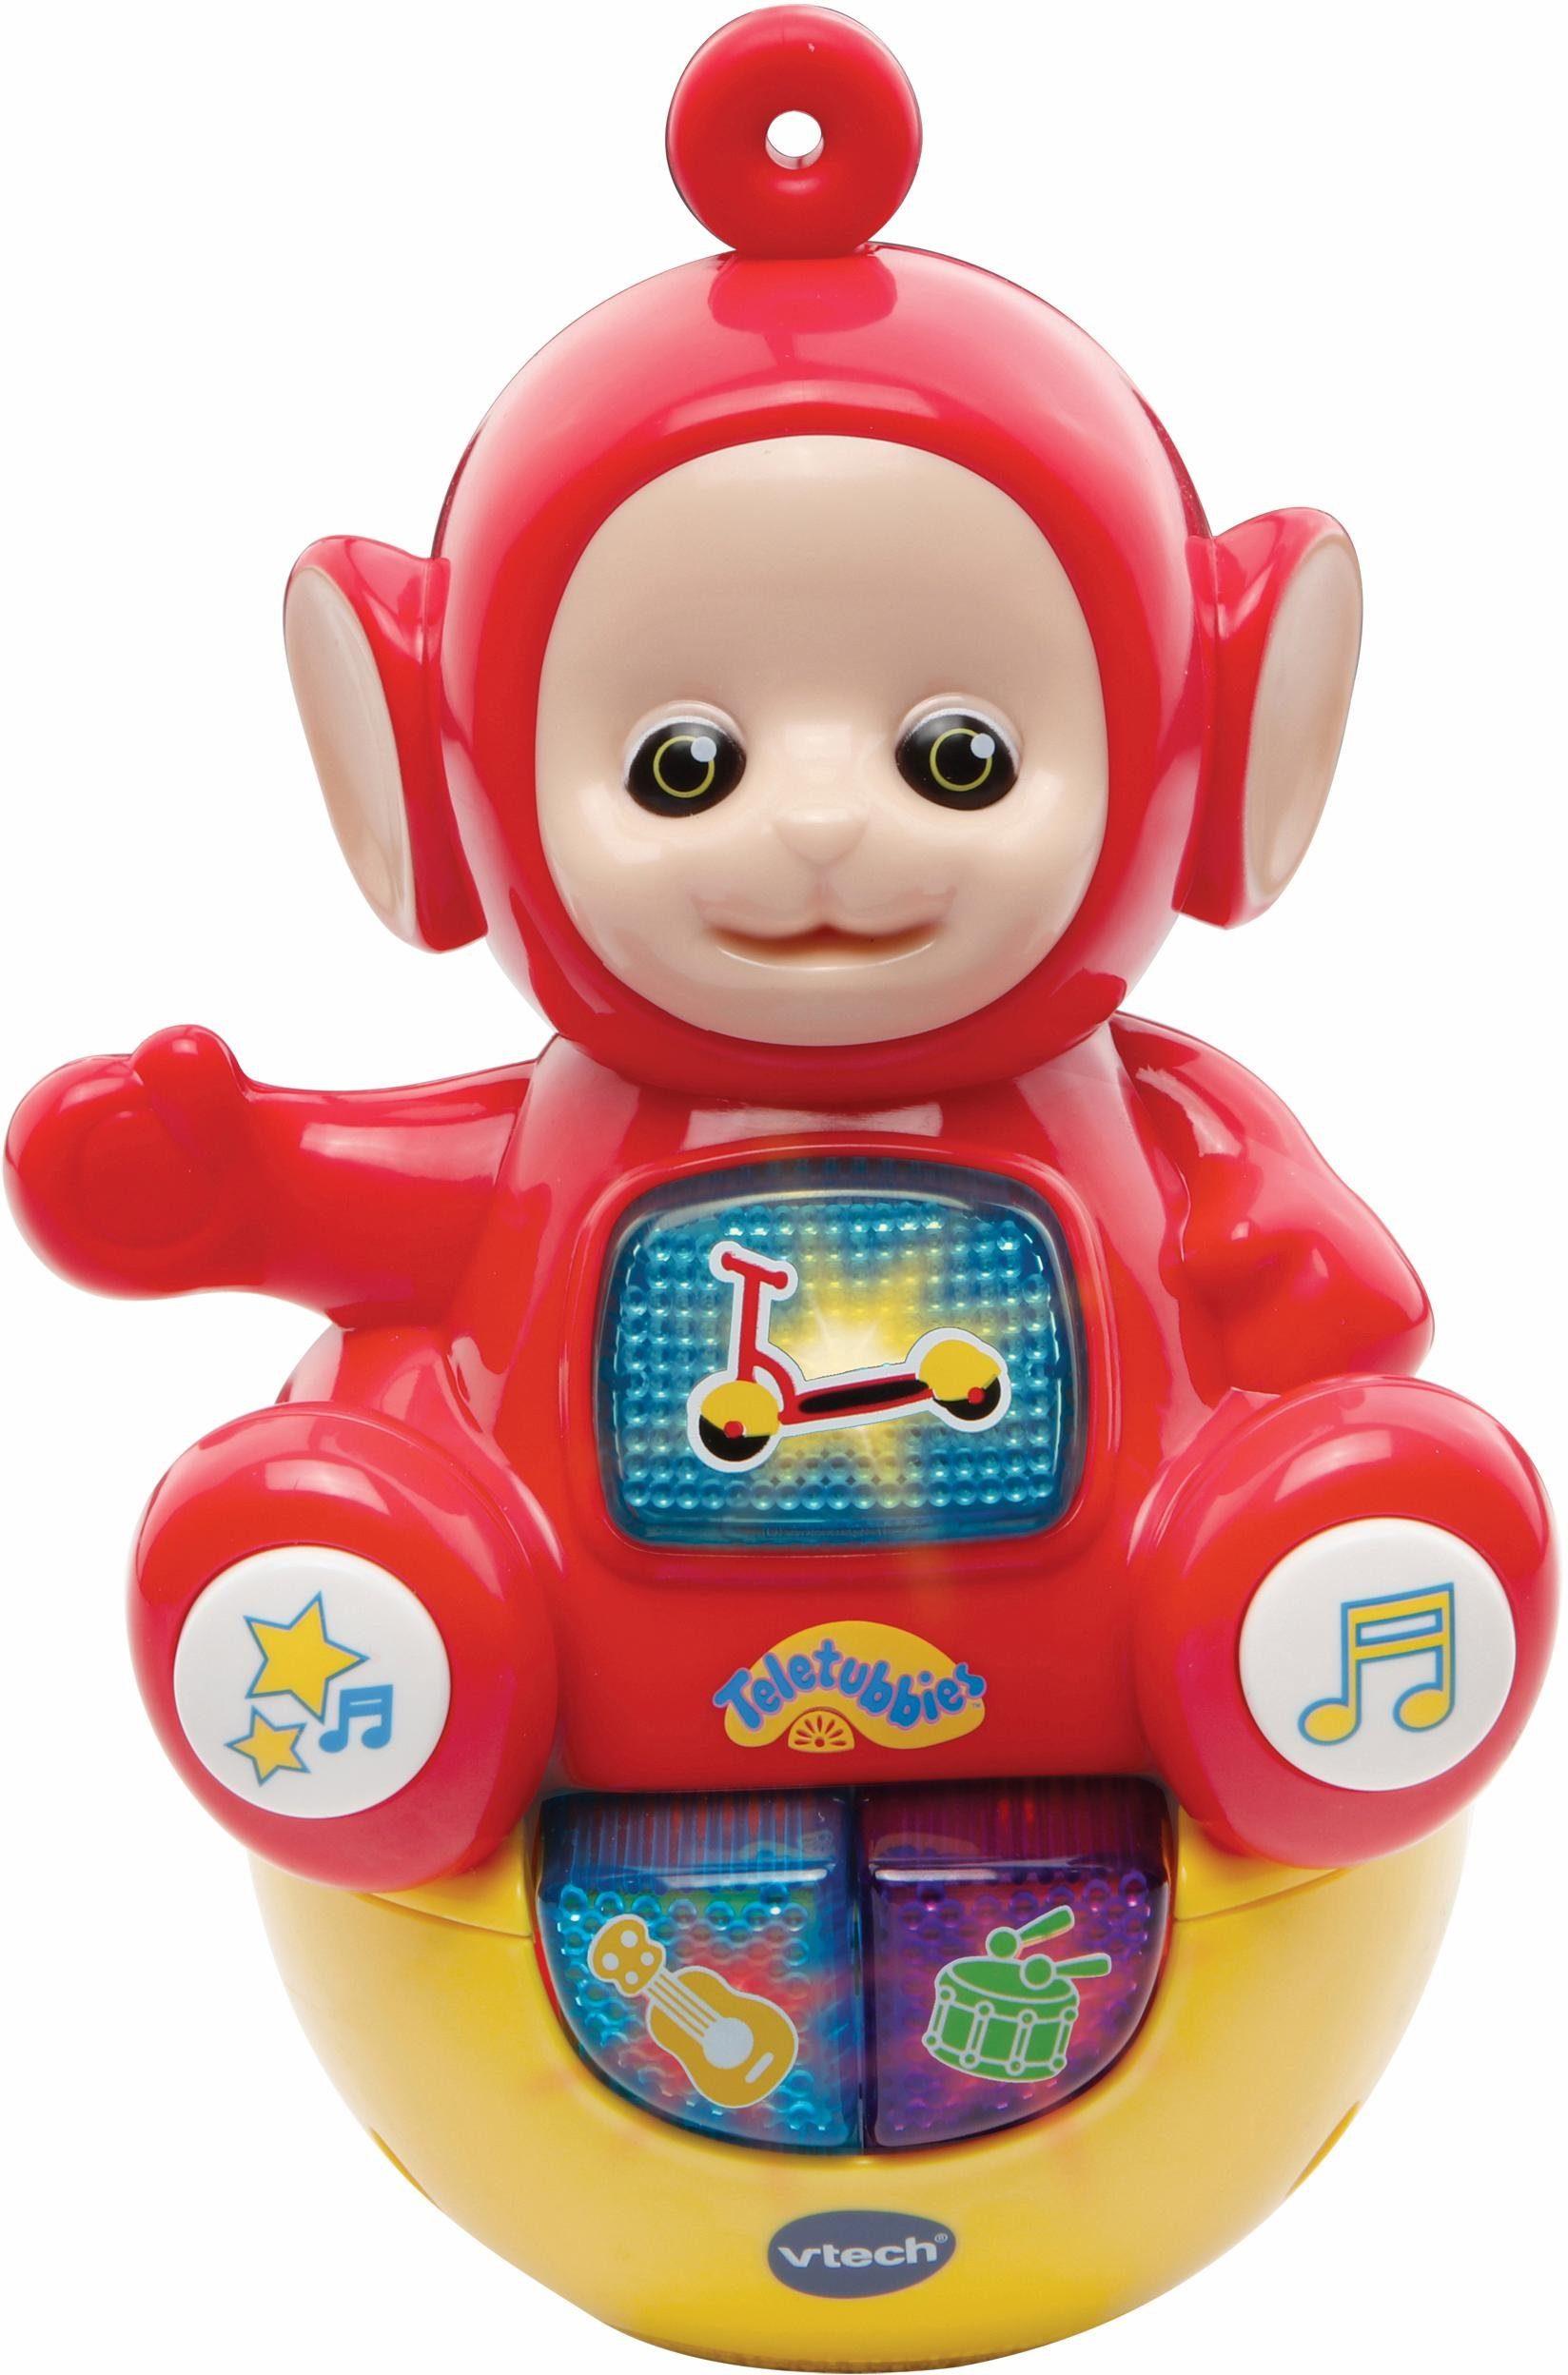 VTech Kinderspielzeug mit Licht und Sound, »Teletubbies, Pos Wackelspaß«